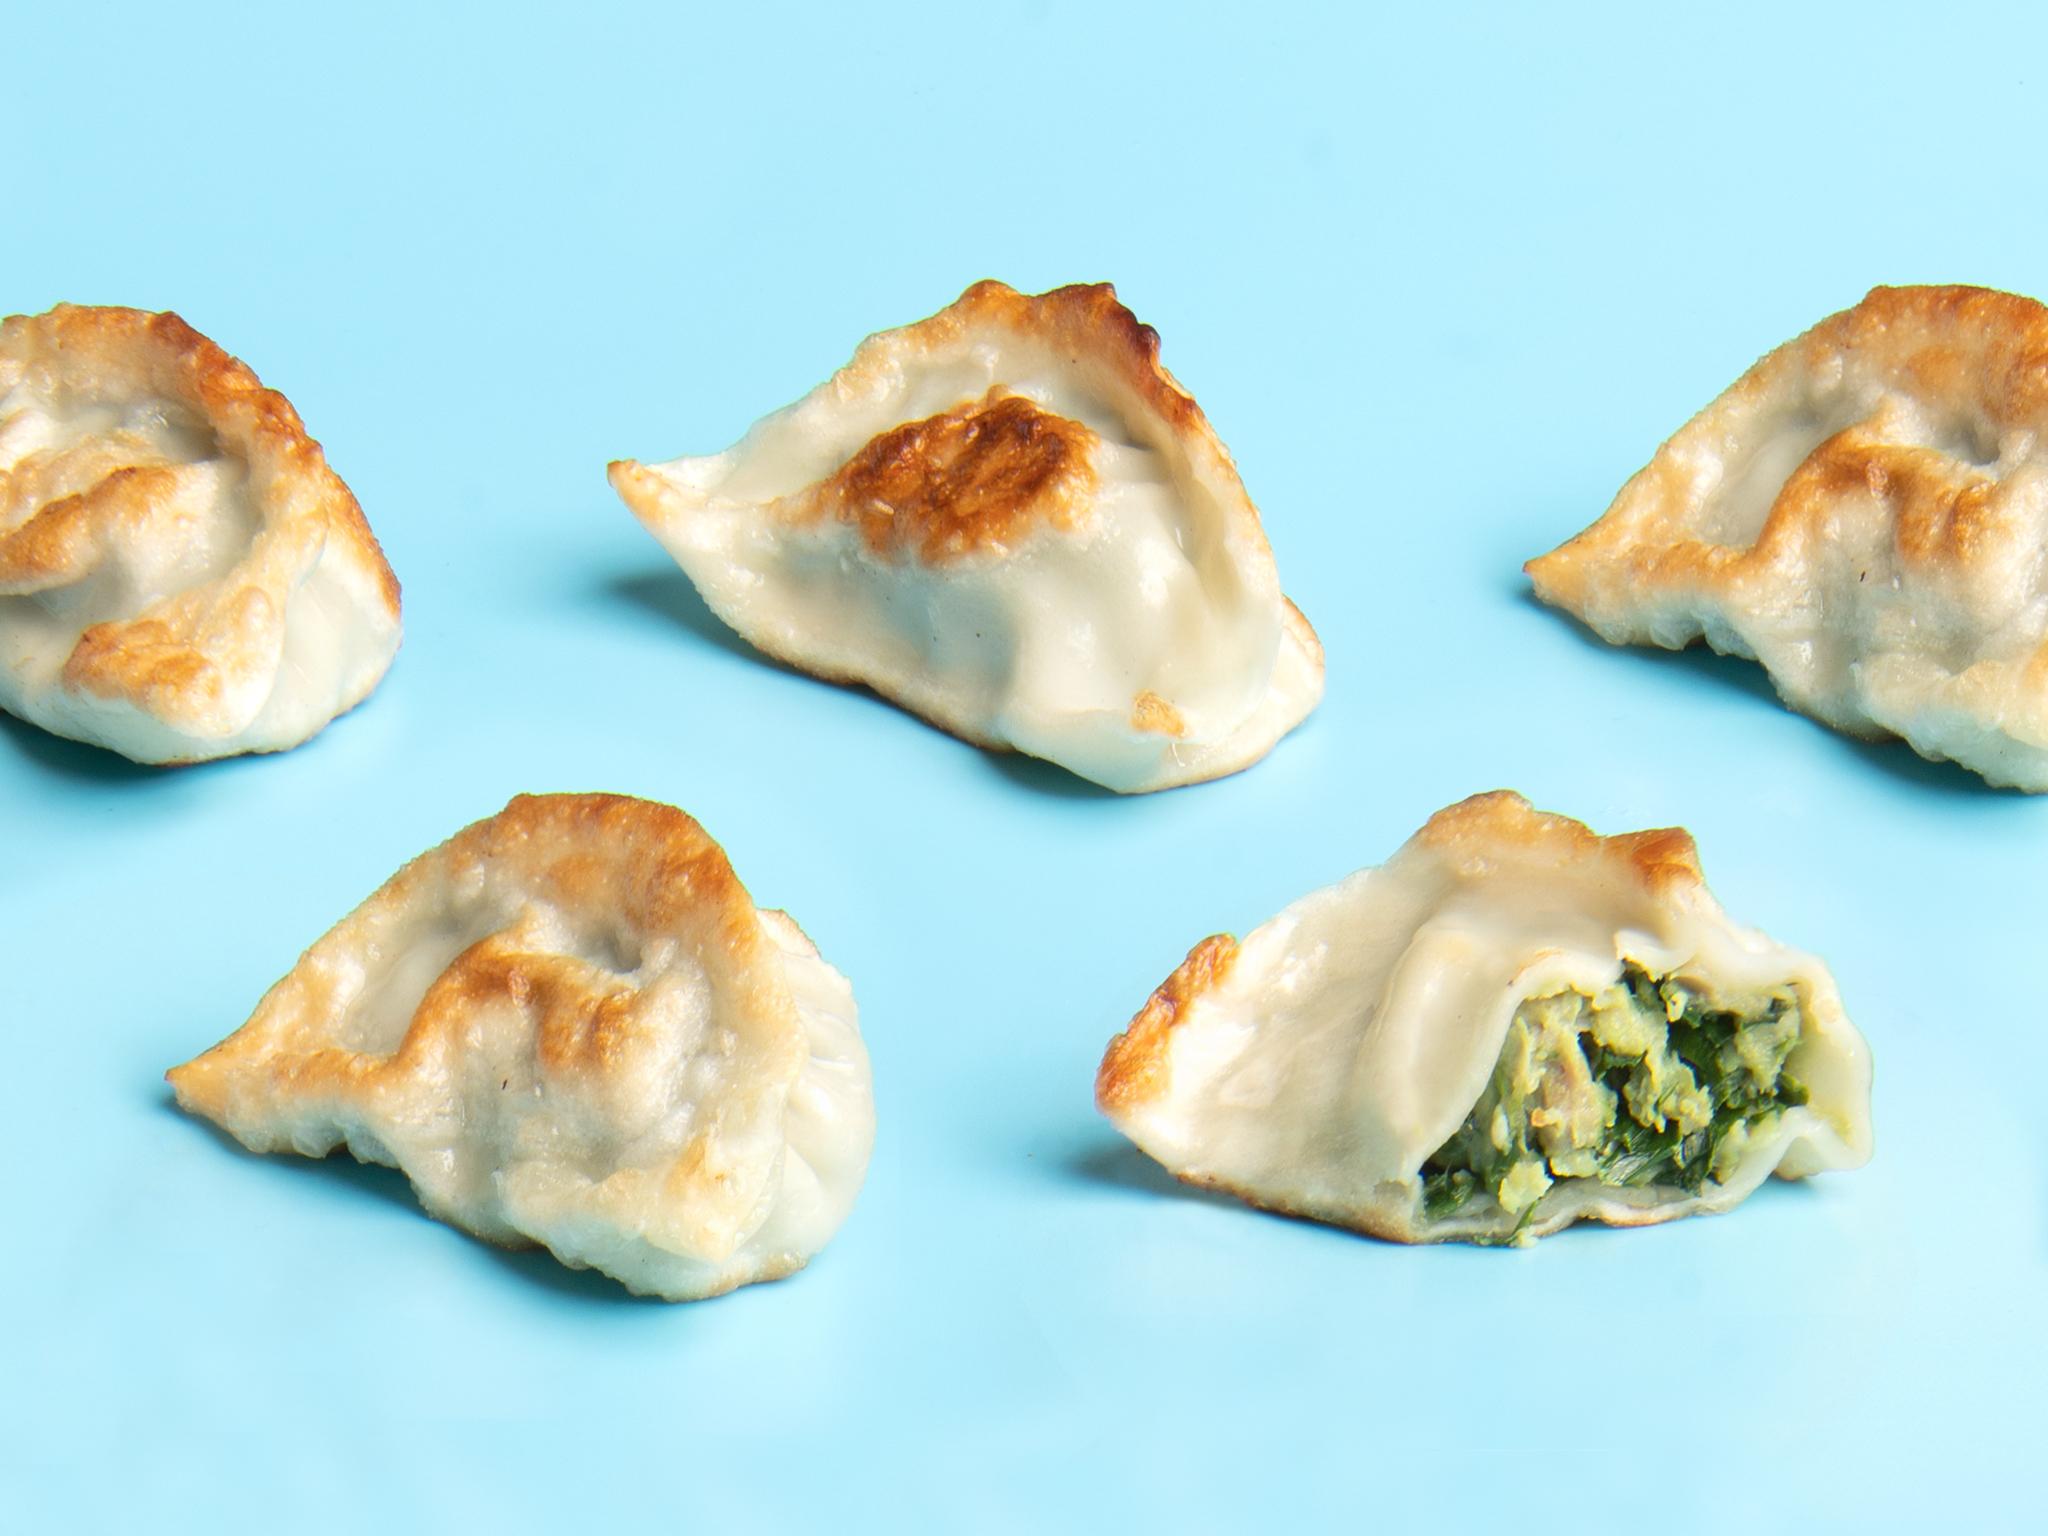 yuen fong dumplings